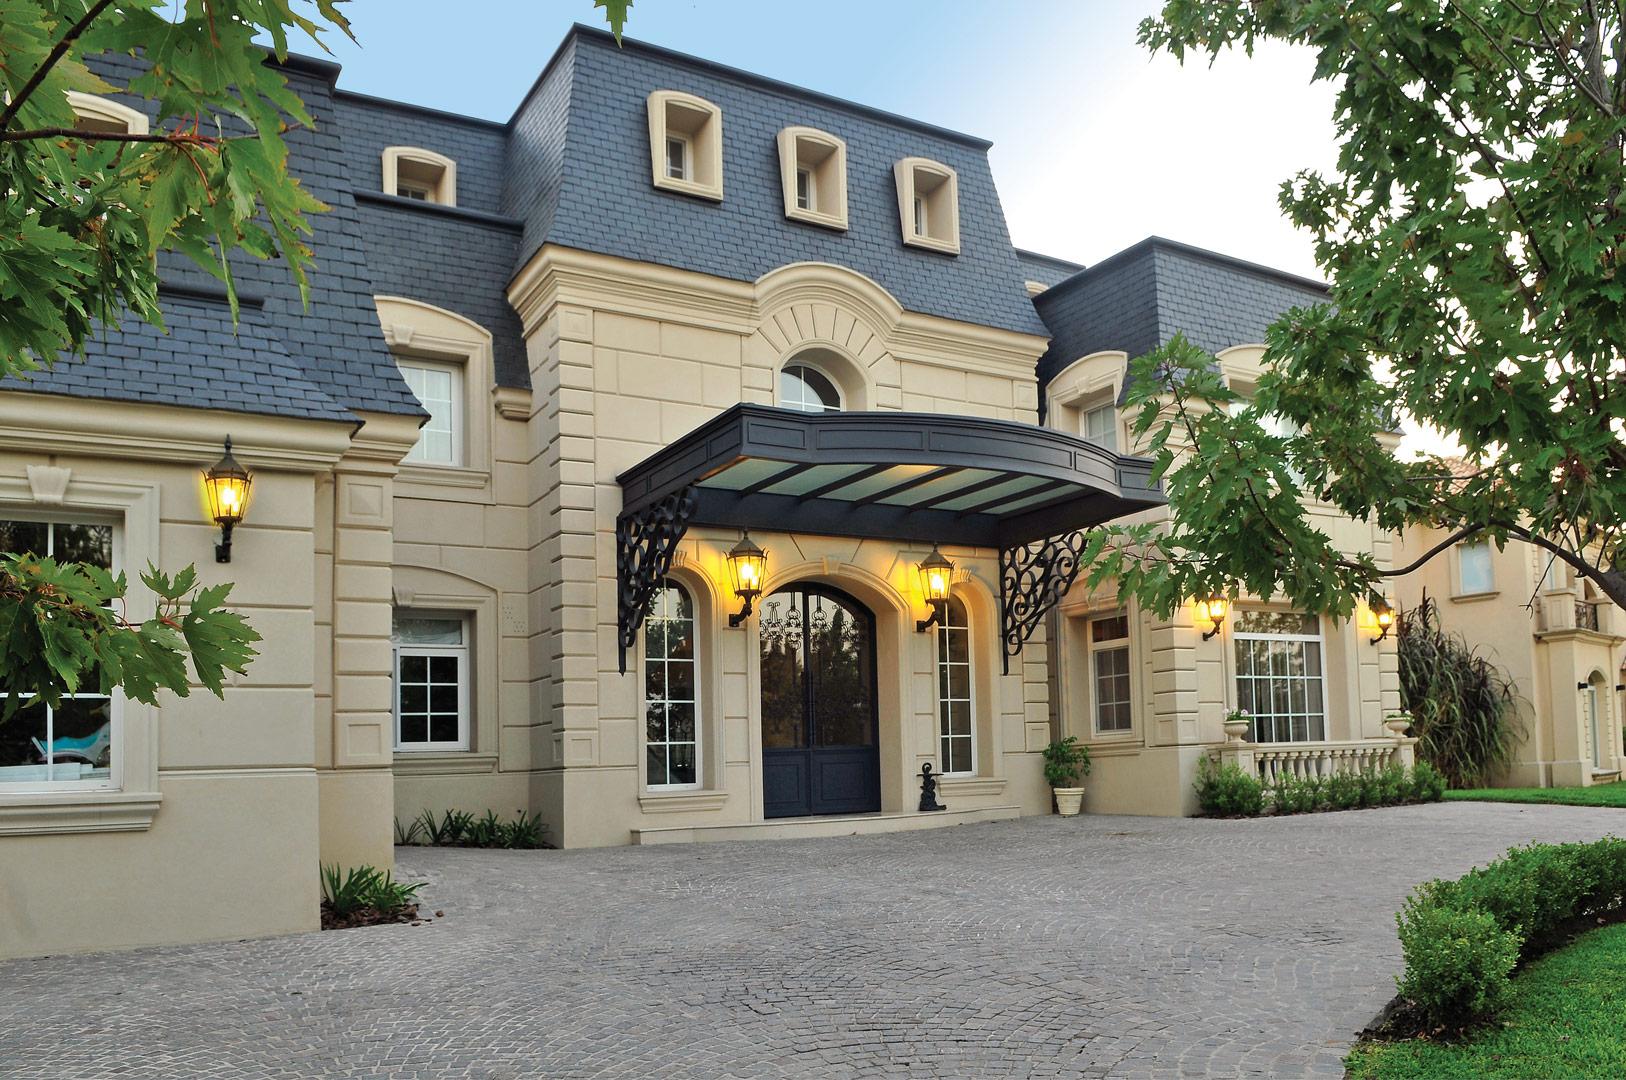 Patricia giannini casa estilo cl sica franc s portal for Casa clasica baruta